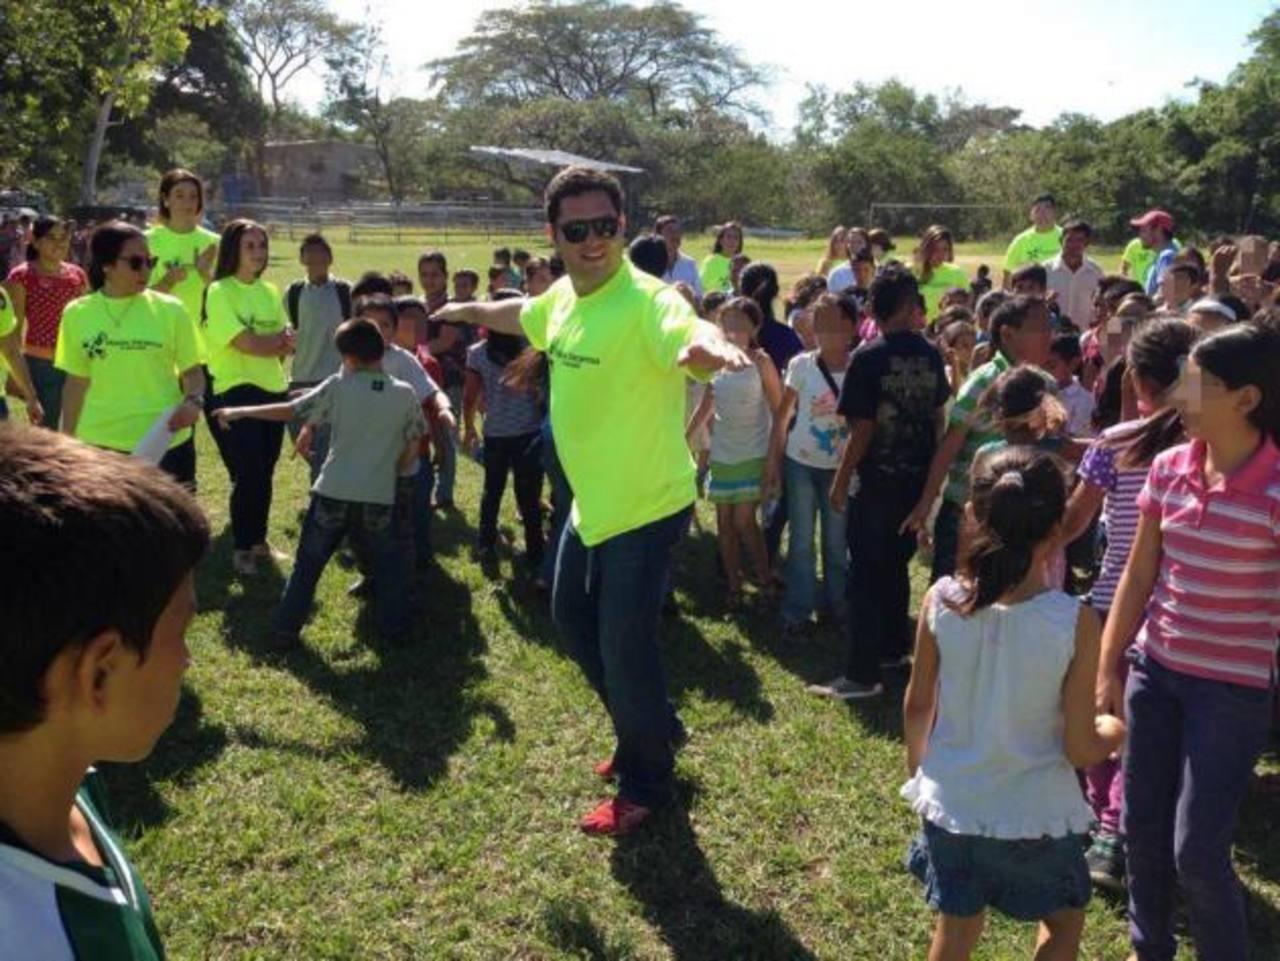 Los voluntarios fueron los encargados de hacer dinámicas y concursos. Durante la jornada que se llevó a cabo en diciembre se entregaron juguetes a los pequeños.